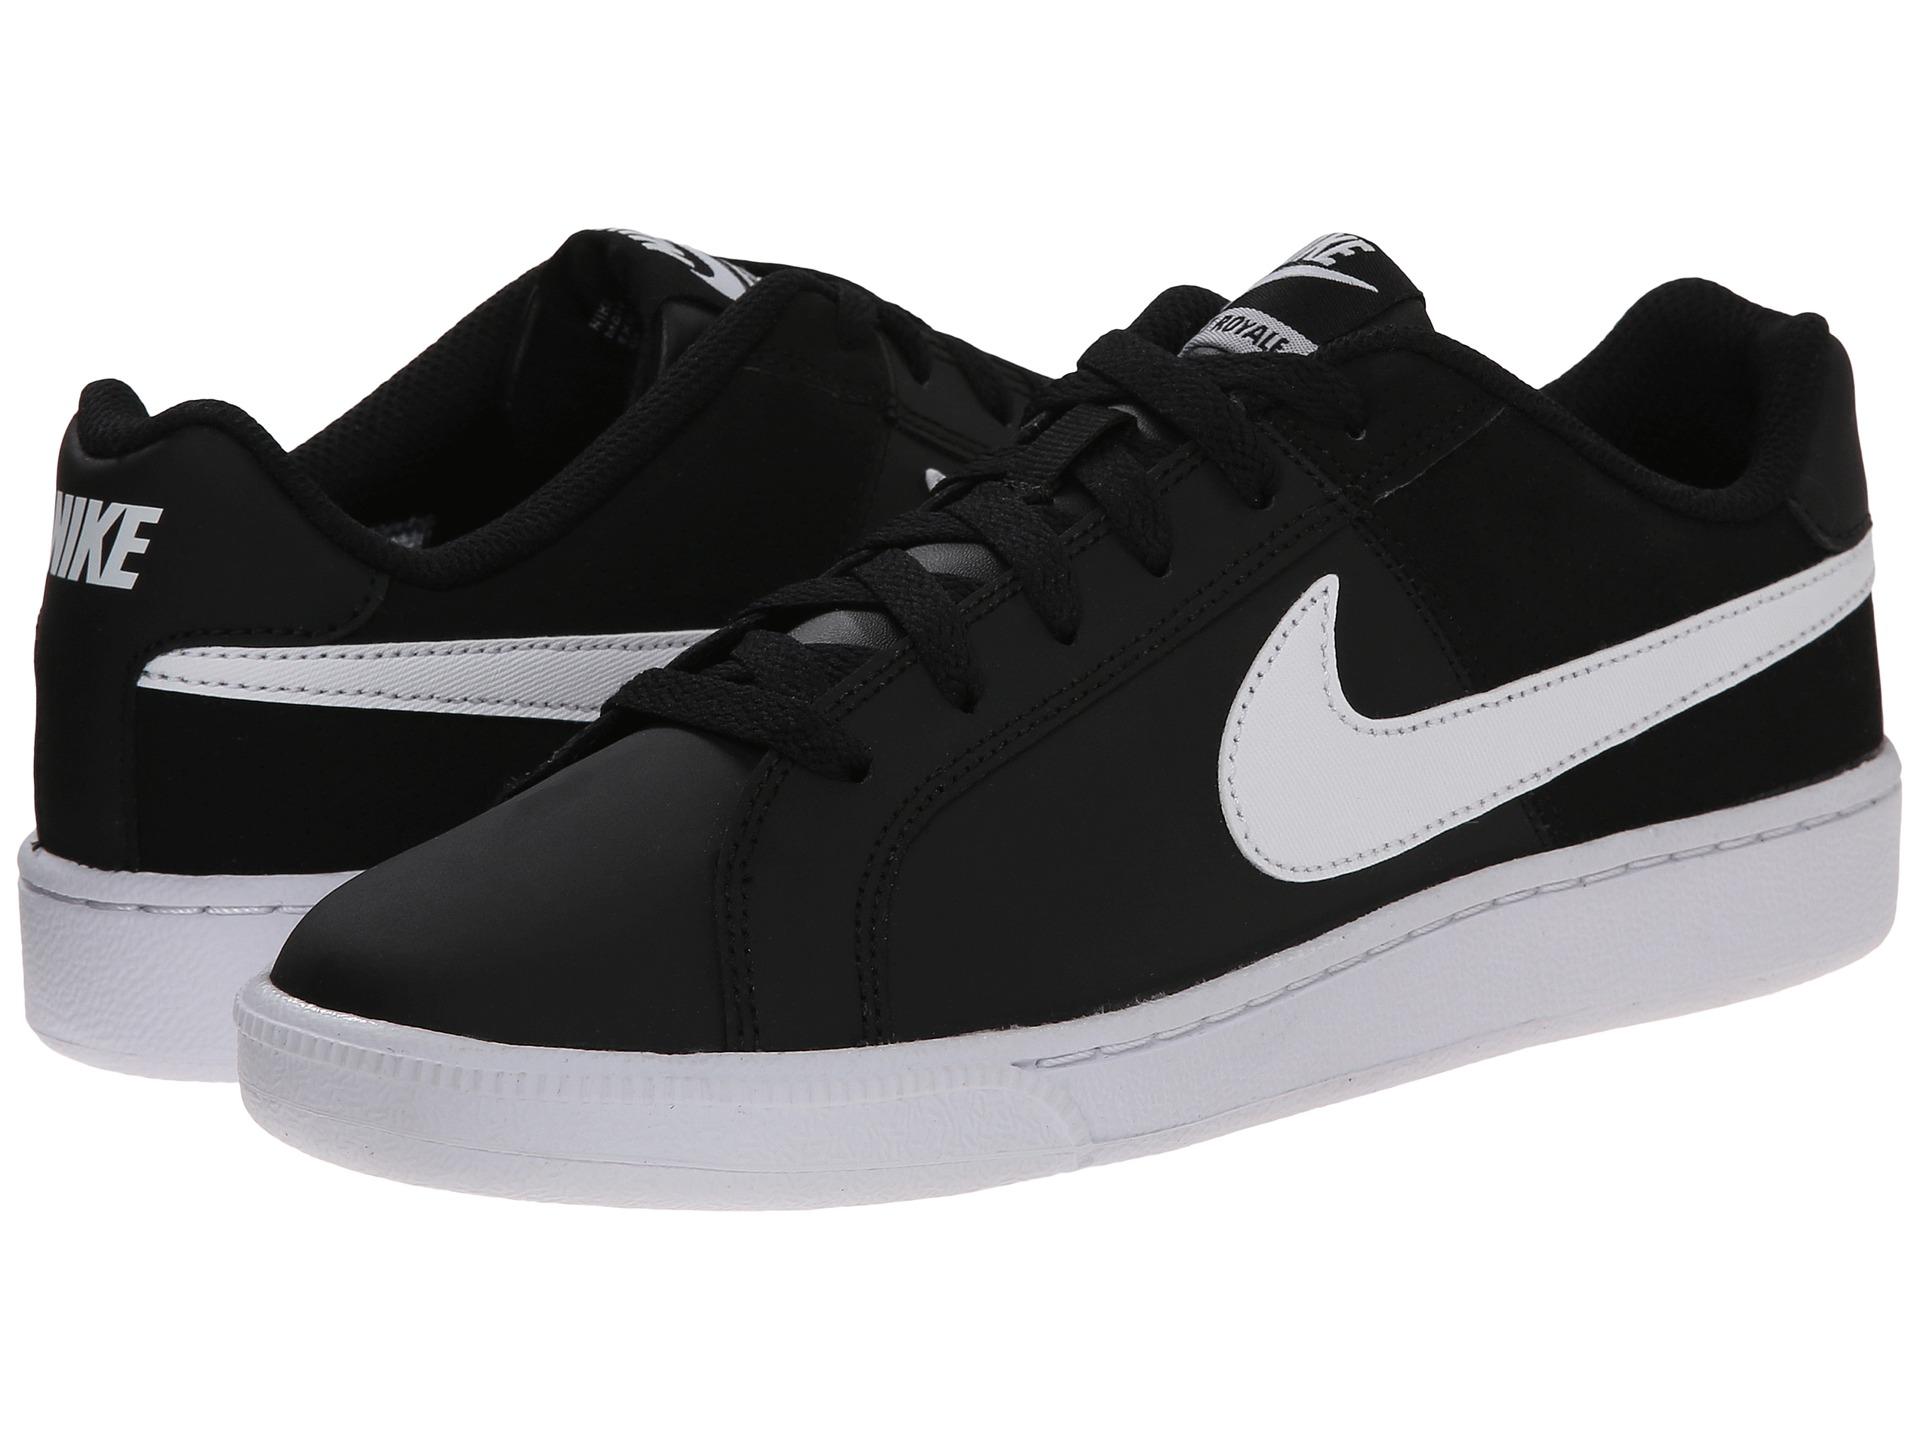 Mens Royales Shoes